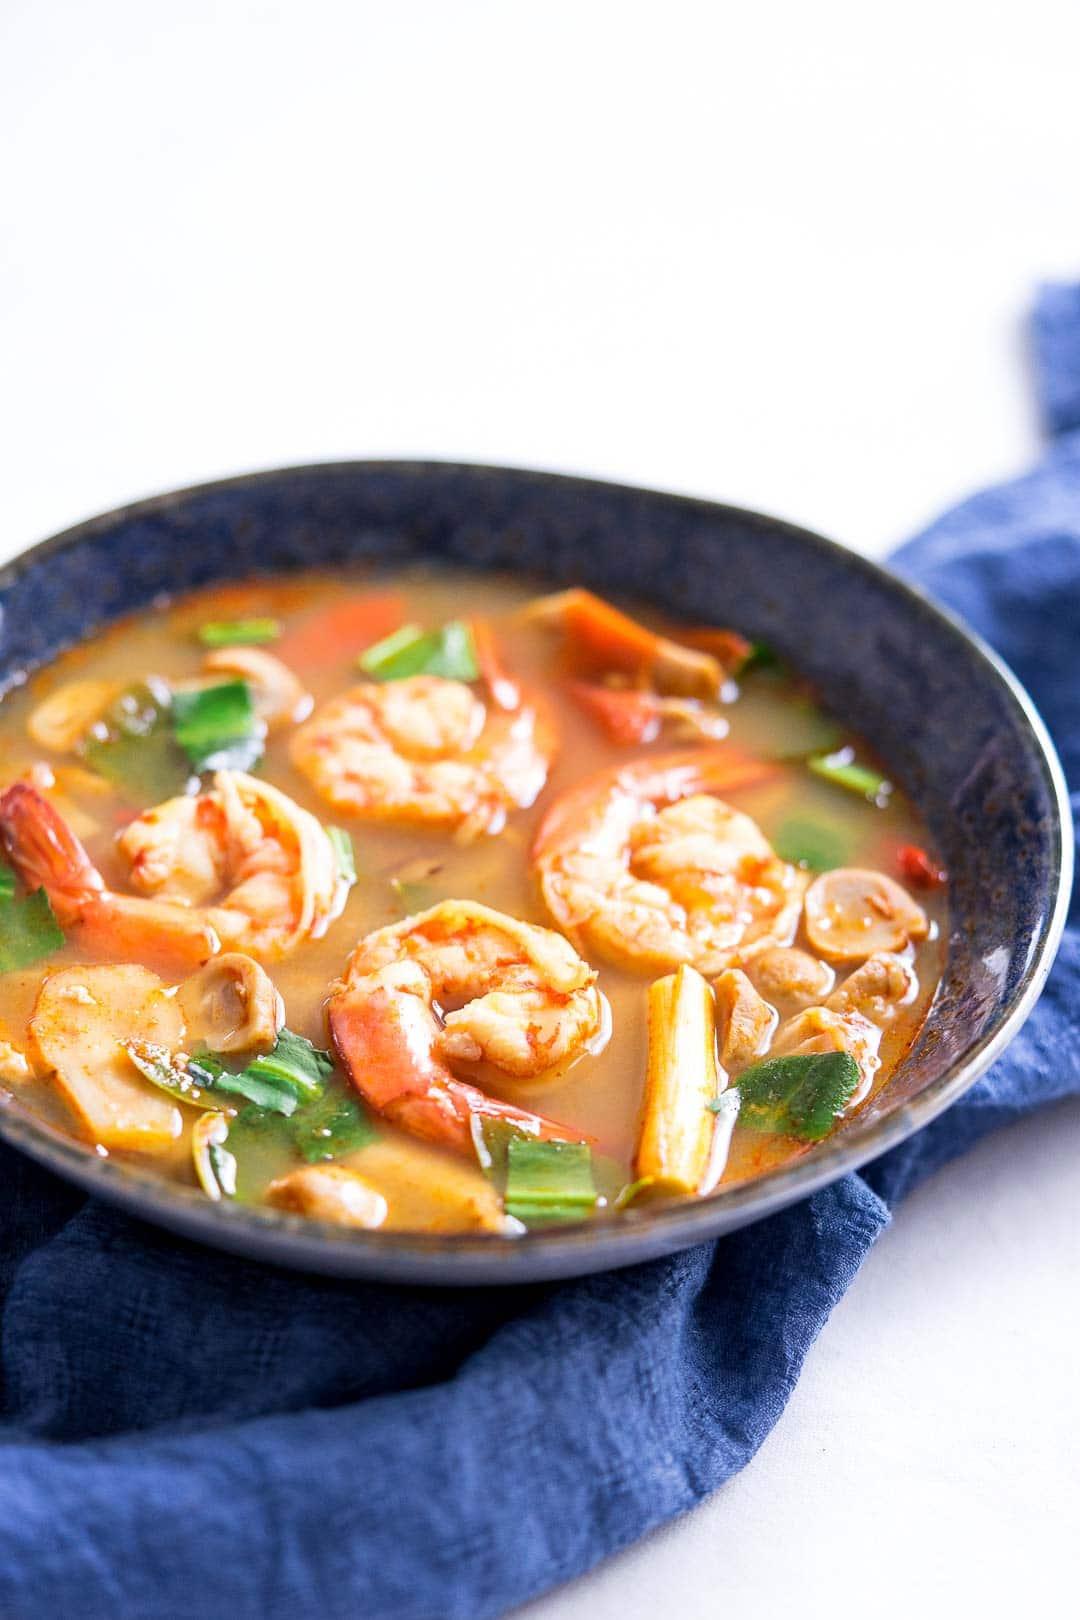 tom yum gung or Thai lemongrass soup with prawn in a blue bowl